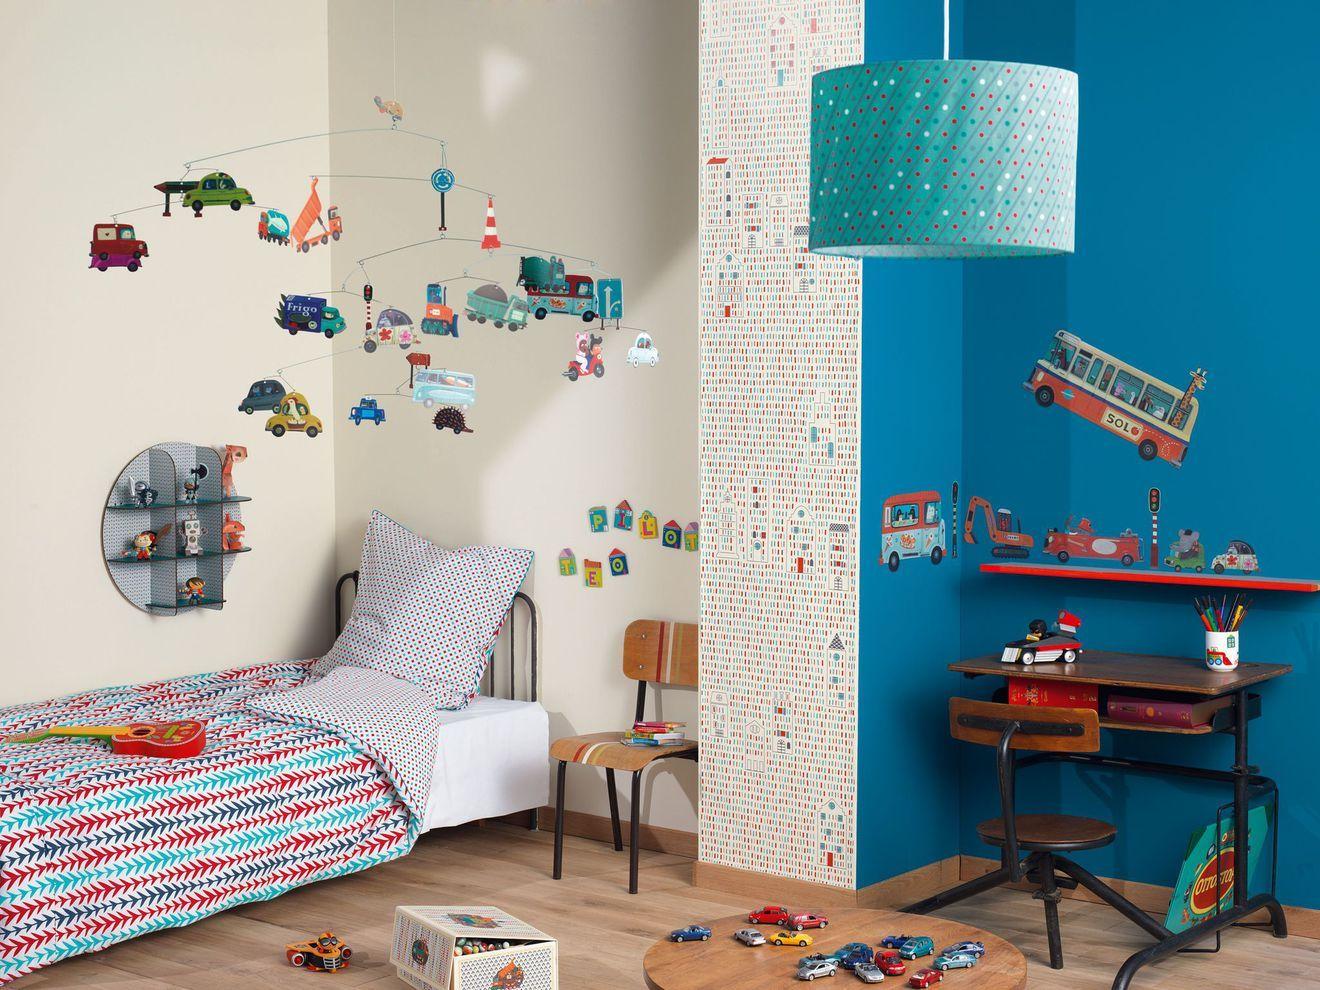 Stylish Peinture Chambre Garon 6 Ans Couleur Chambre Enfant Id Es ...